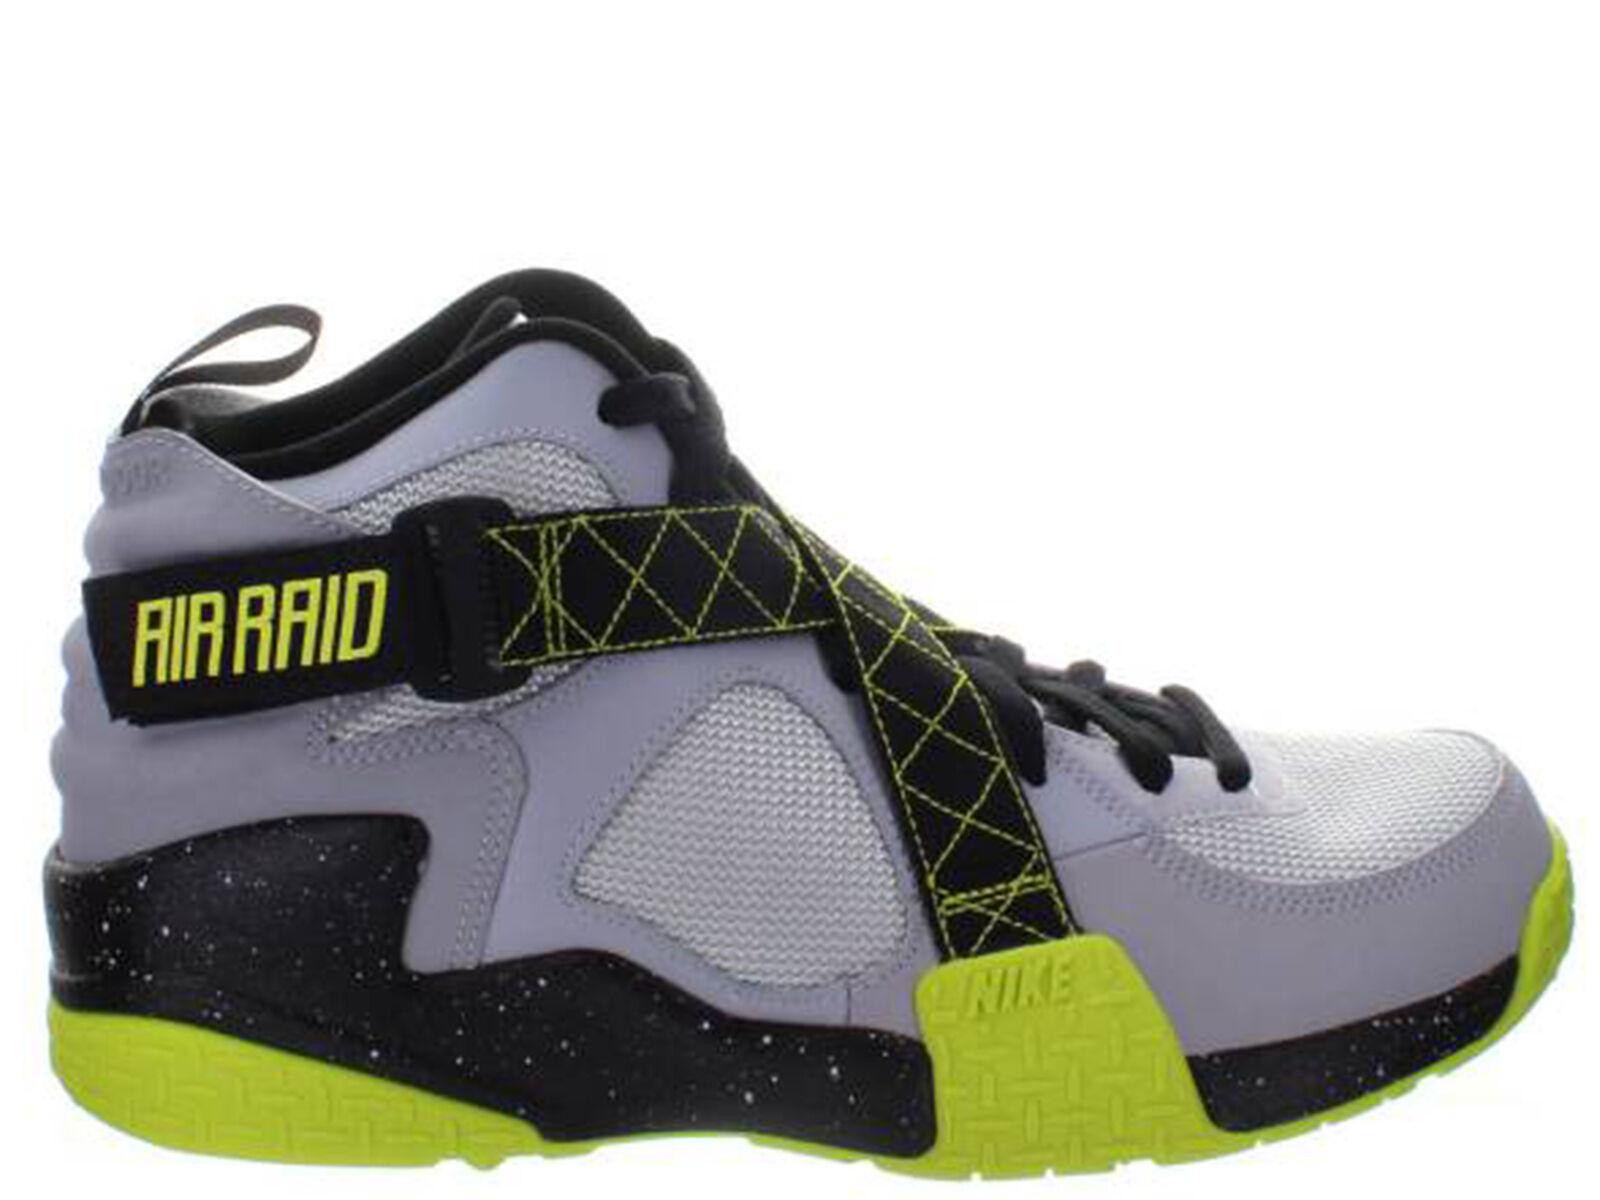 Brand New Nike Air Raid Men's Athletic Fashion Sneakers [642330 001]